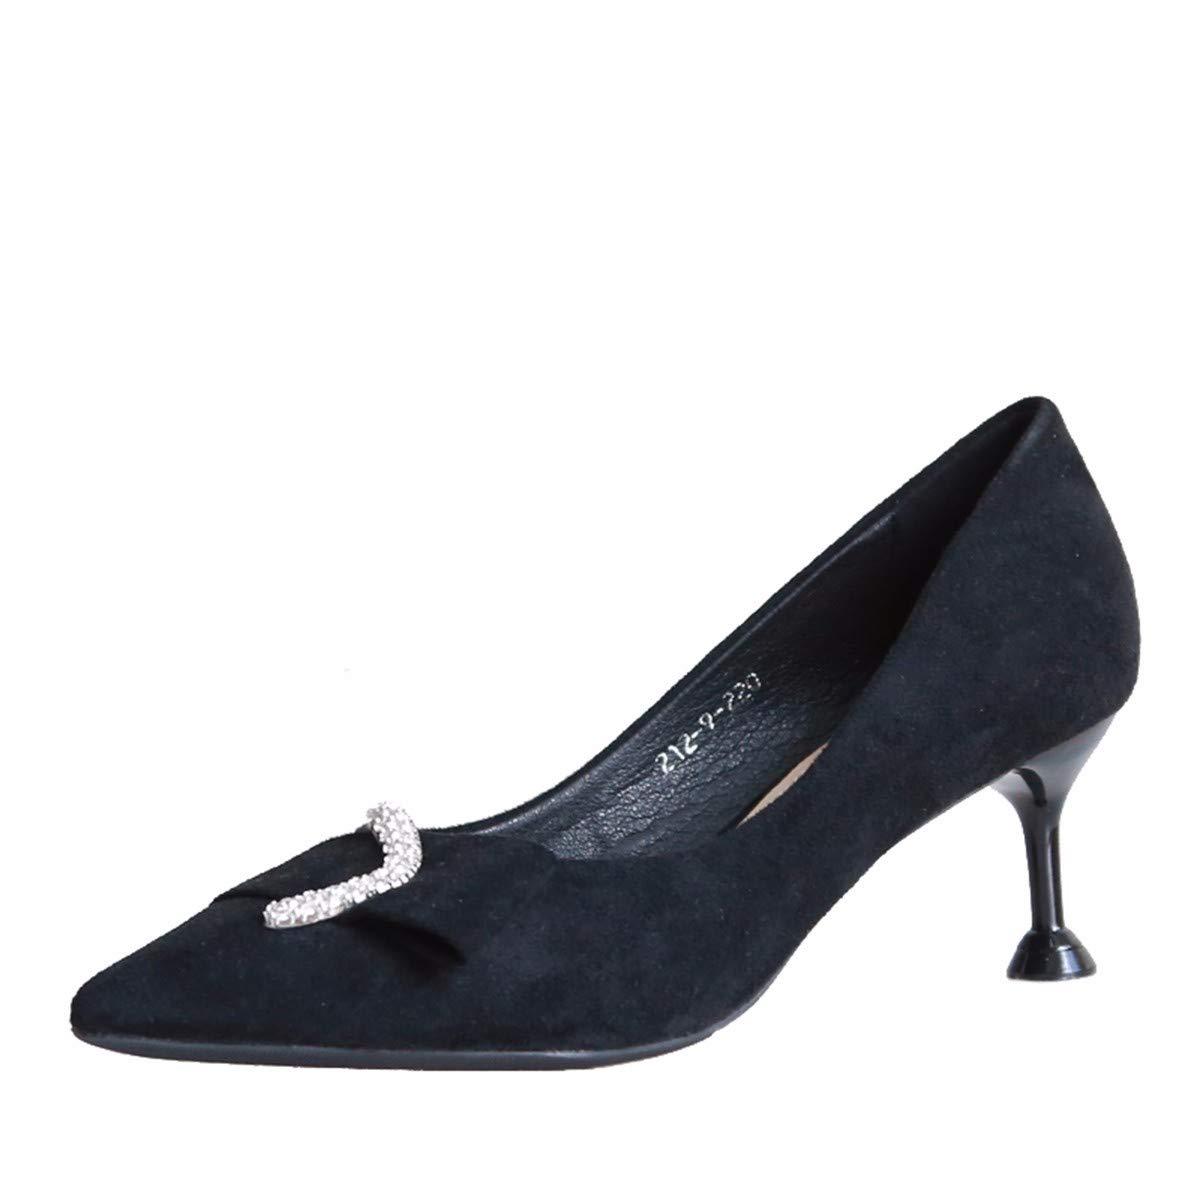 KPHY Damenschuhe/Mode-Diamant der Dünn Absätze Herbst Dünn der und Spitz Damenschuhe Samt Nudeln Bankett-Schuhe.35 Schwarz  - ca83da